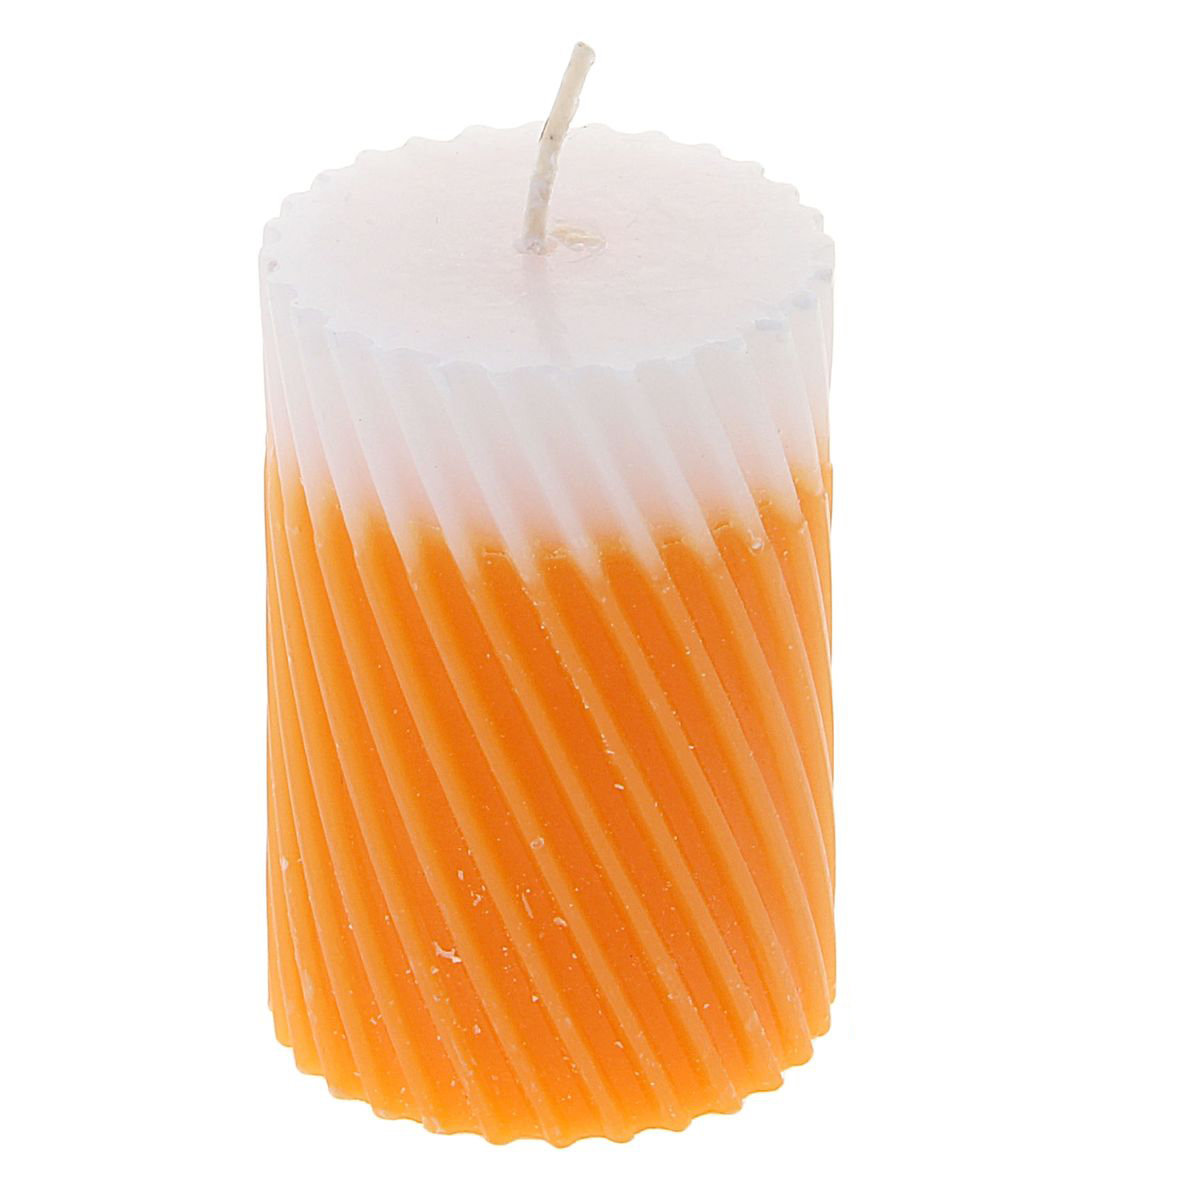 Свеча ароматизированная Sima-land Апельсин, высота 7,5 см. 849533 свеча ароматизированная sima land лимон на подставке высота 6 см